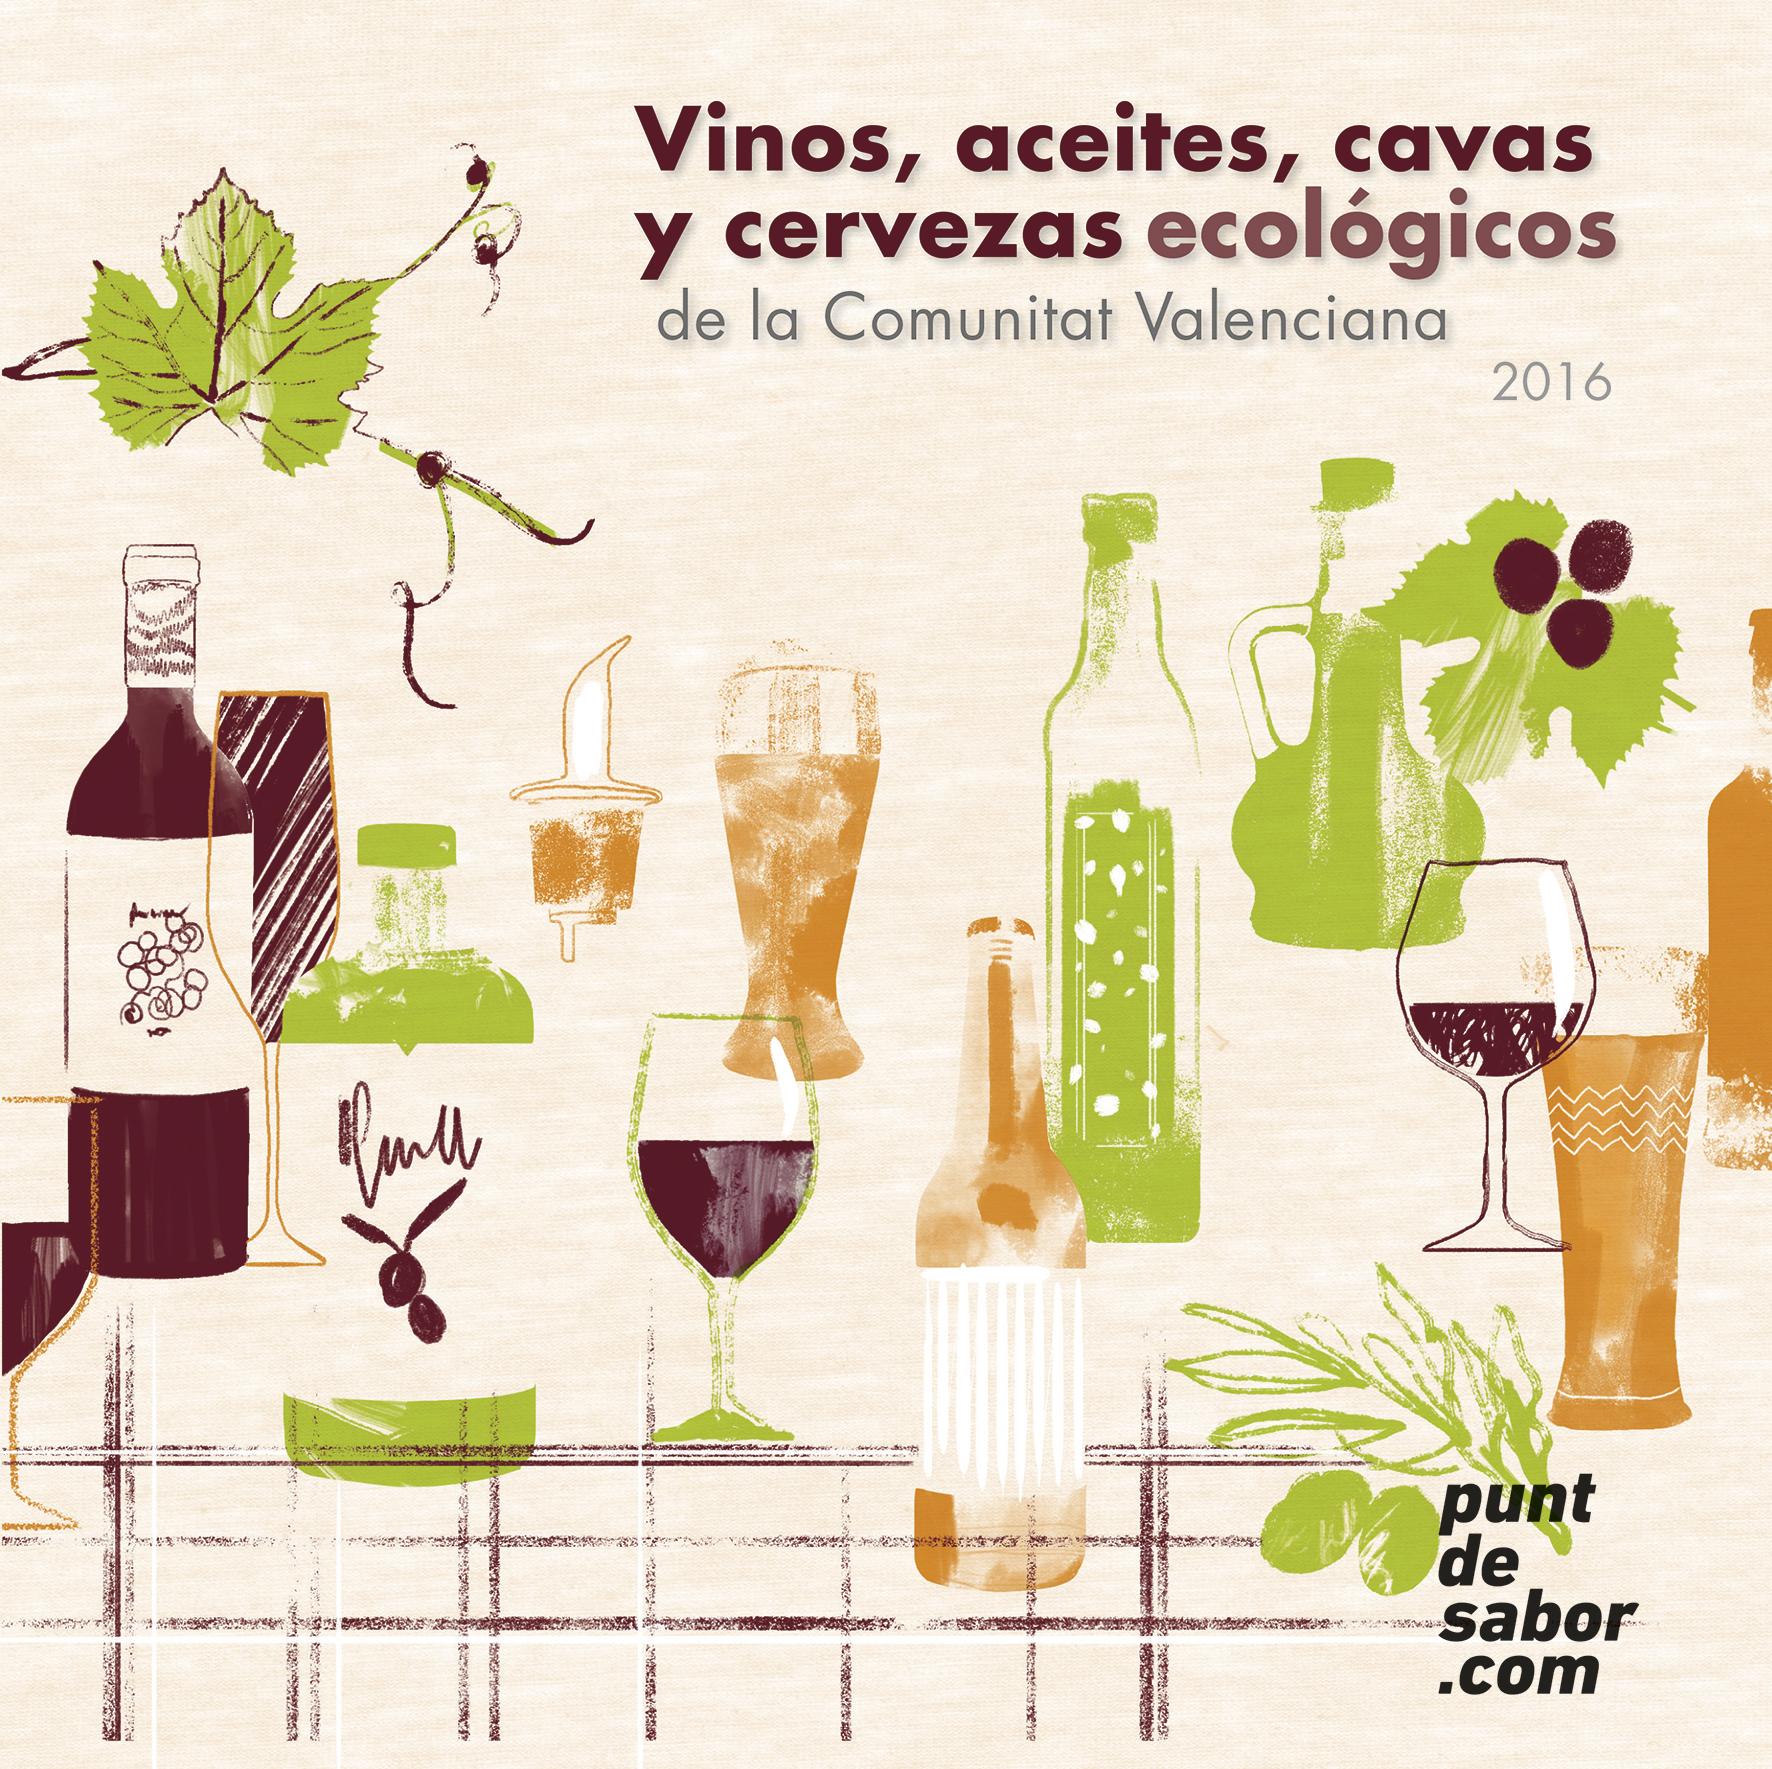 puntdesabor.com presenta la segunda edición de su guía de vinos y cavas ecológicos valencianos e incluye también a los aceites y las cervezas